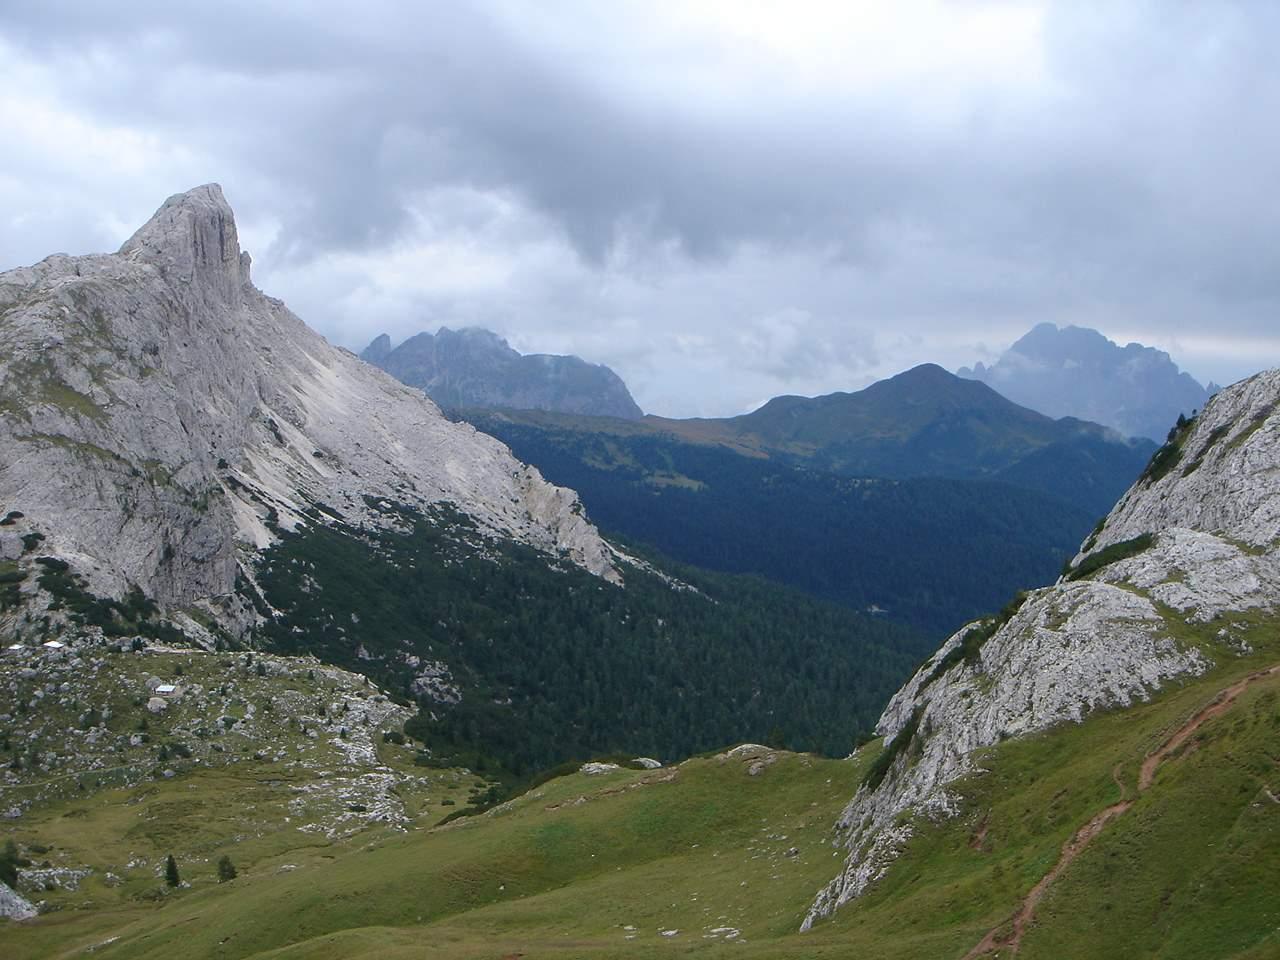 Foto: Manfred Karl / Wander Tour / Settsass (2571m) / Vom Piz Ciampai schaut man zum Hexenstein, Monte Cernera und Monte Pore. / 05.05.2007 18:49:56